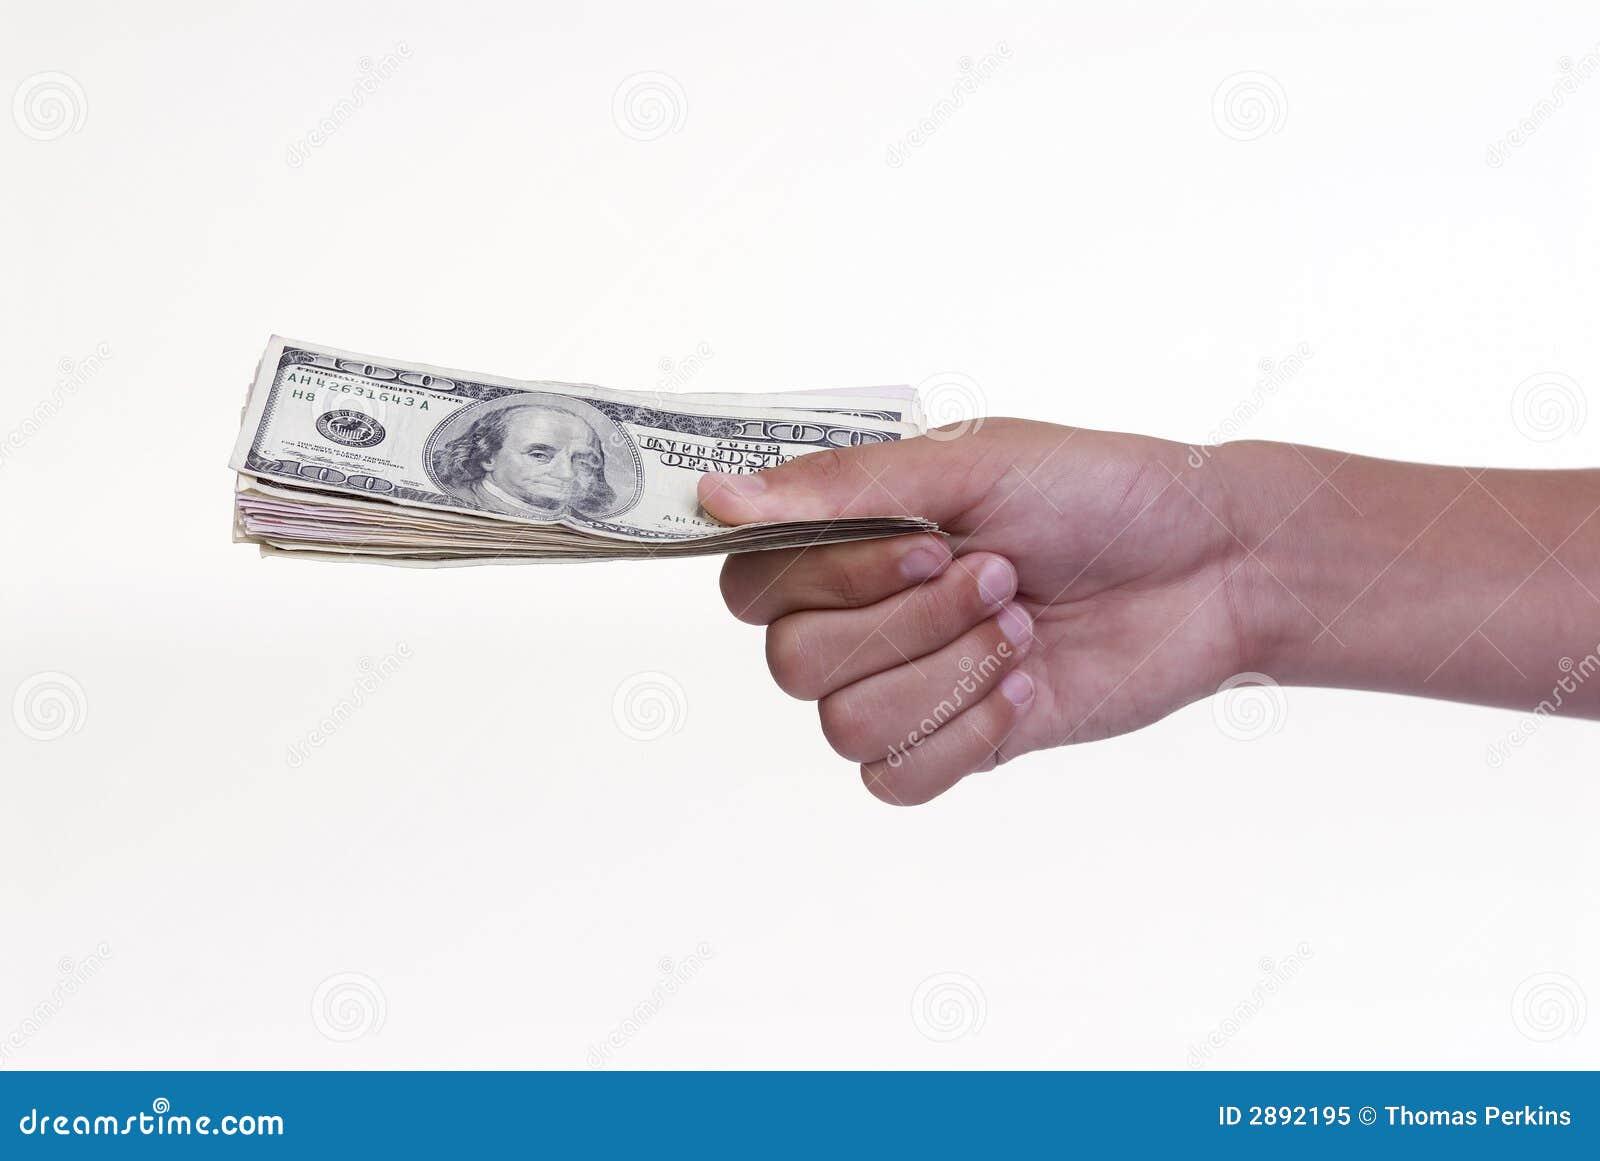 People Giving Money Away Giving Away Money Roya...